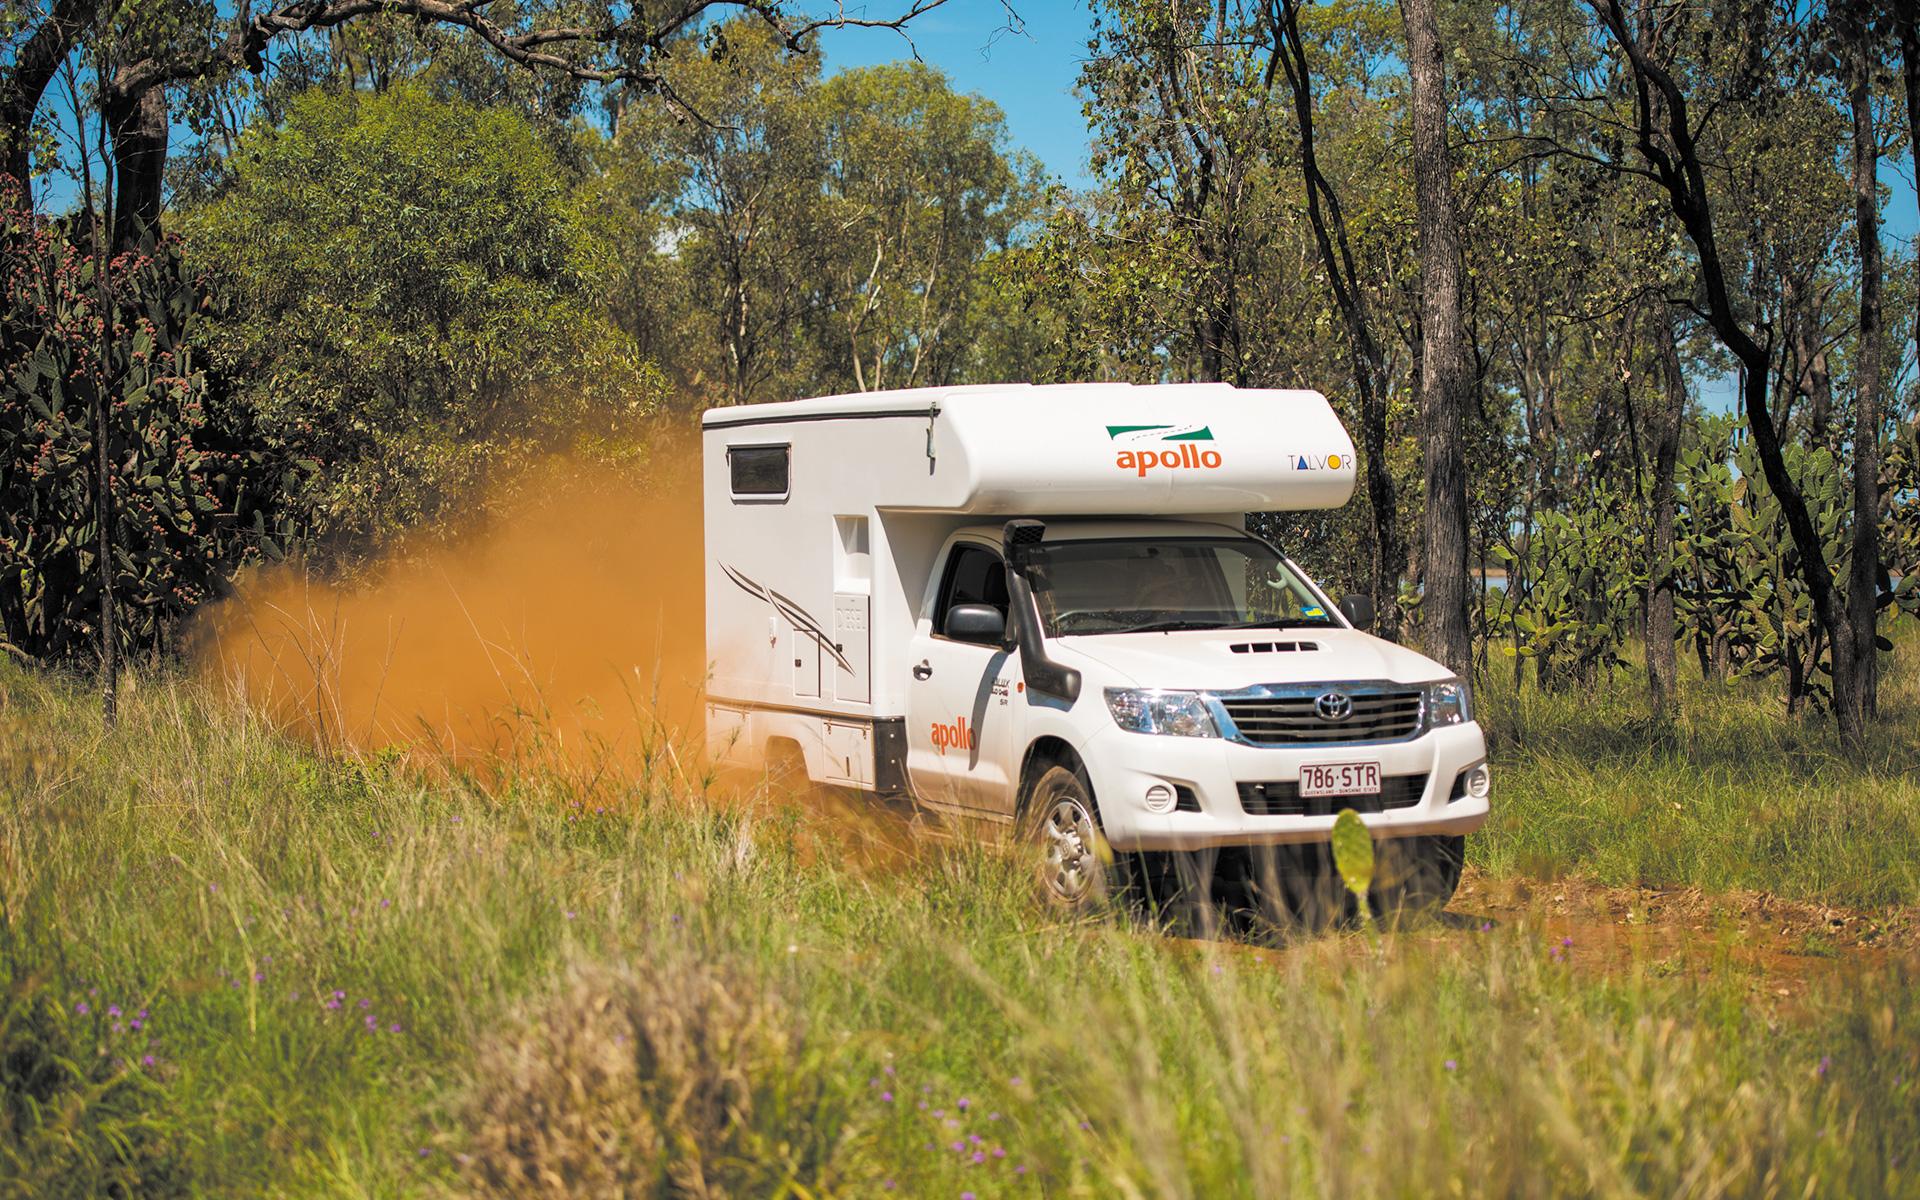 4wd camper australien bestcamper. Black Bedroom Furniture Sets. Home Design Ideas